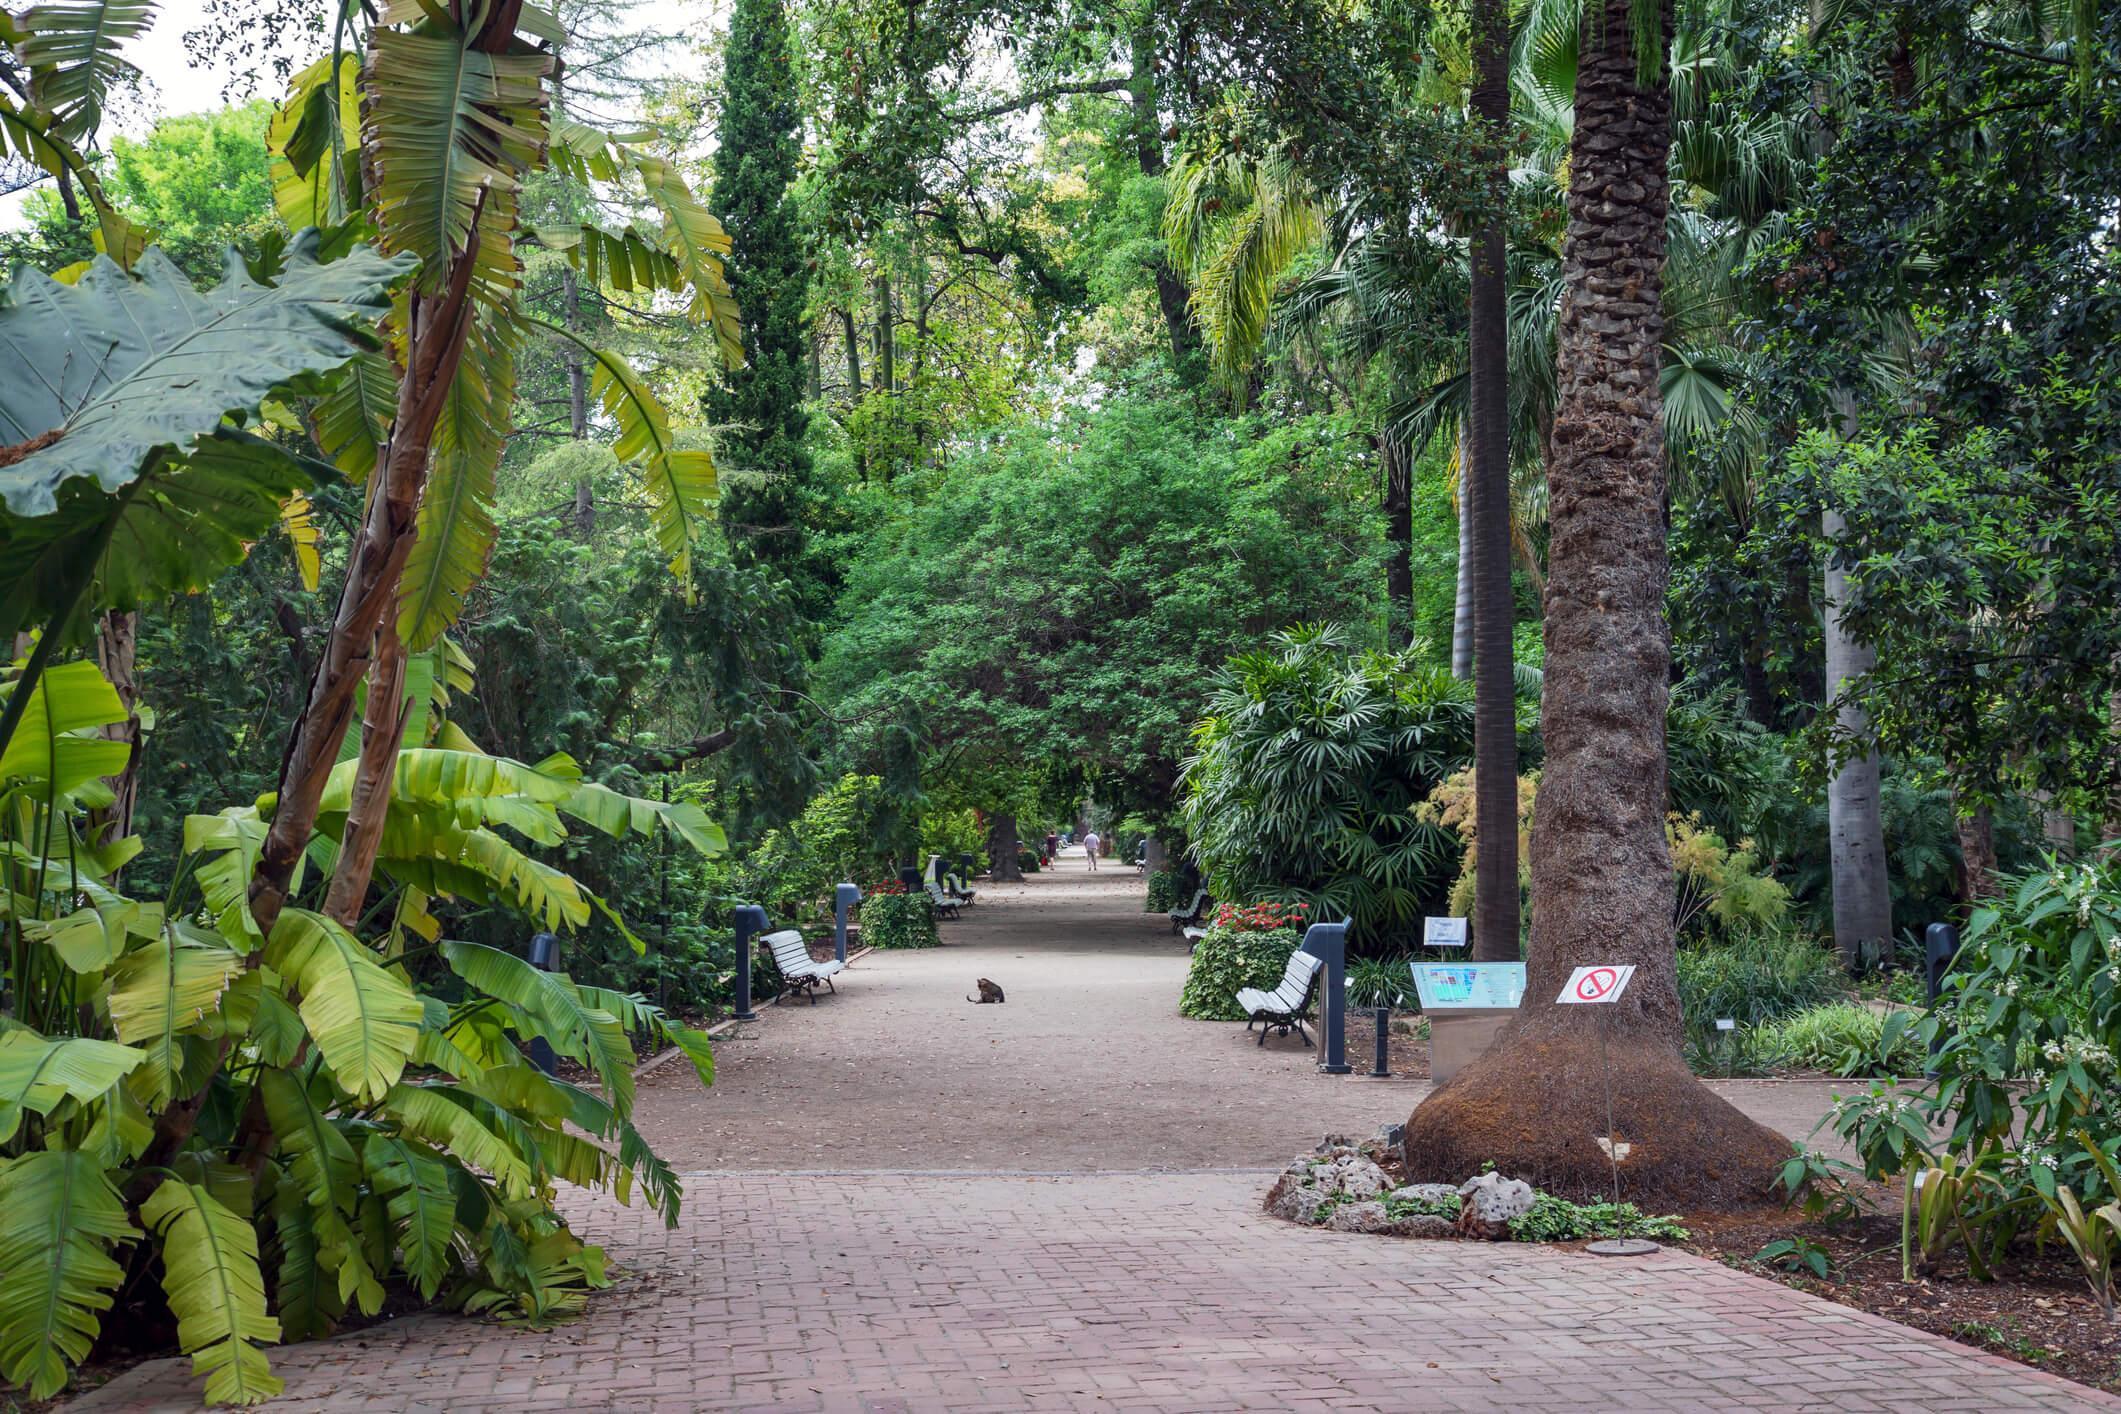 Escapada a valencia los mejores planes en la ciudad de la luz - Jardin botanico valencia ...